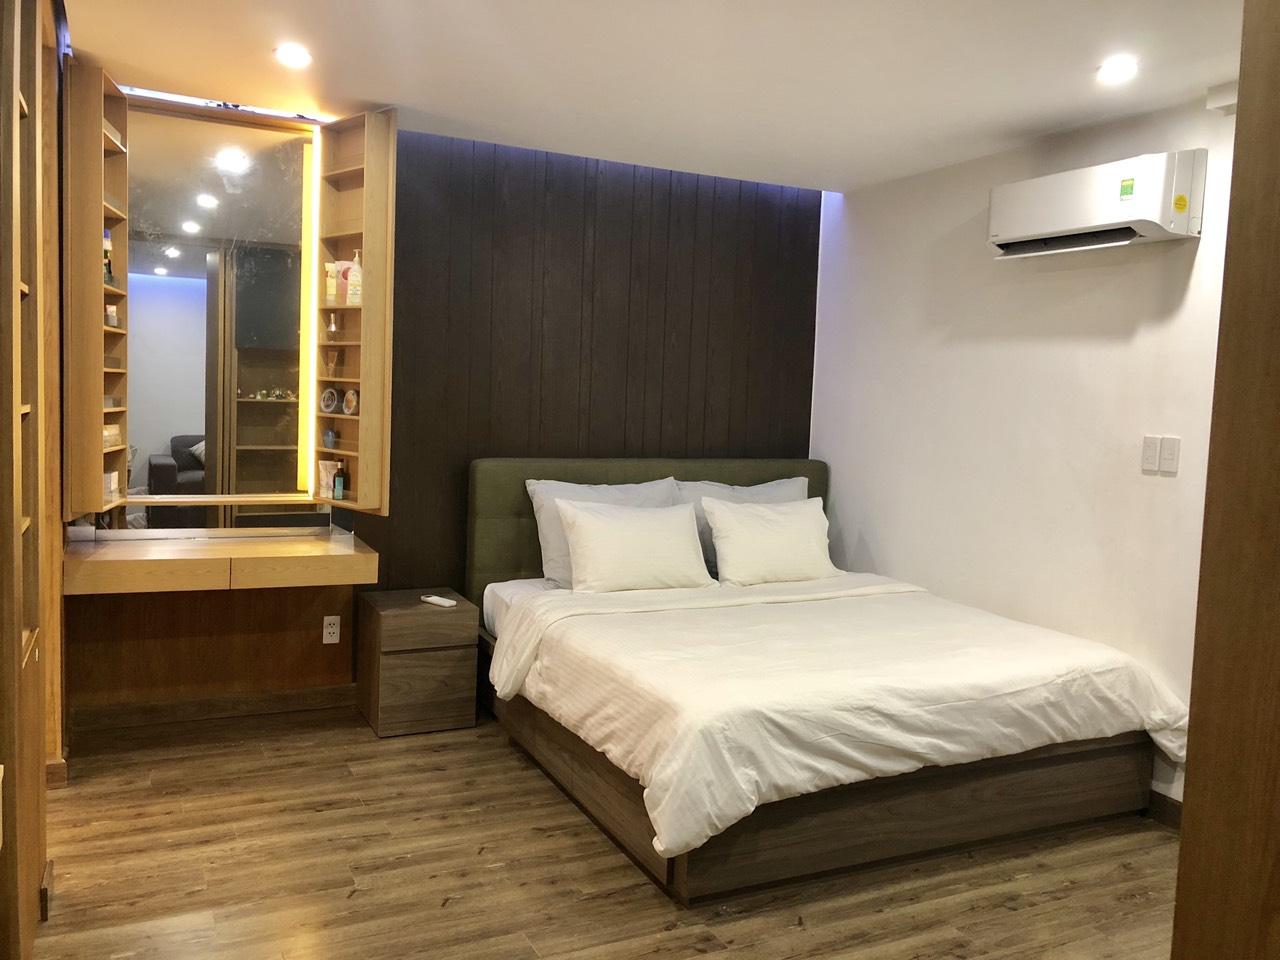 Cho Thuê 1 PN Nguyen Thi Minh Khai D1 Serviced Apartment - Đầy Đủ Nội Thất & Ấm Cúng -1